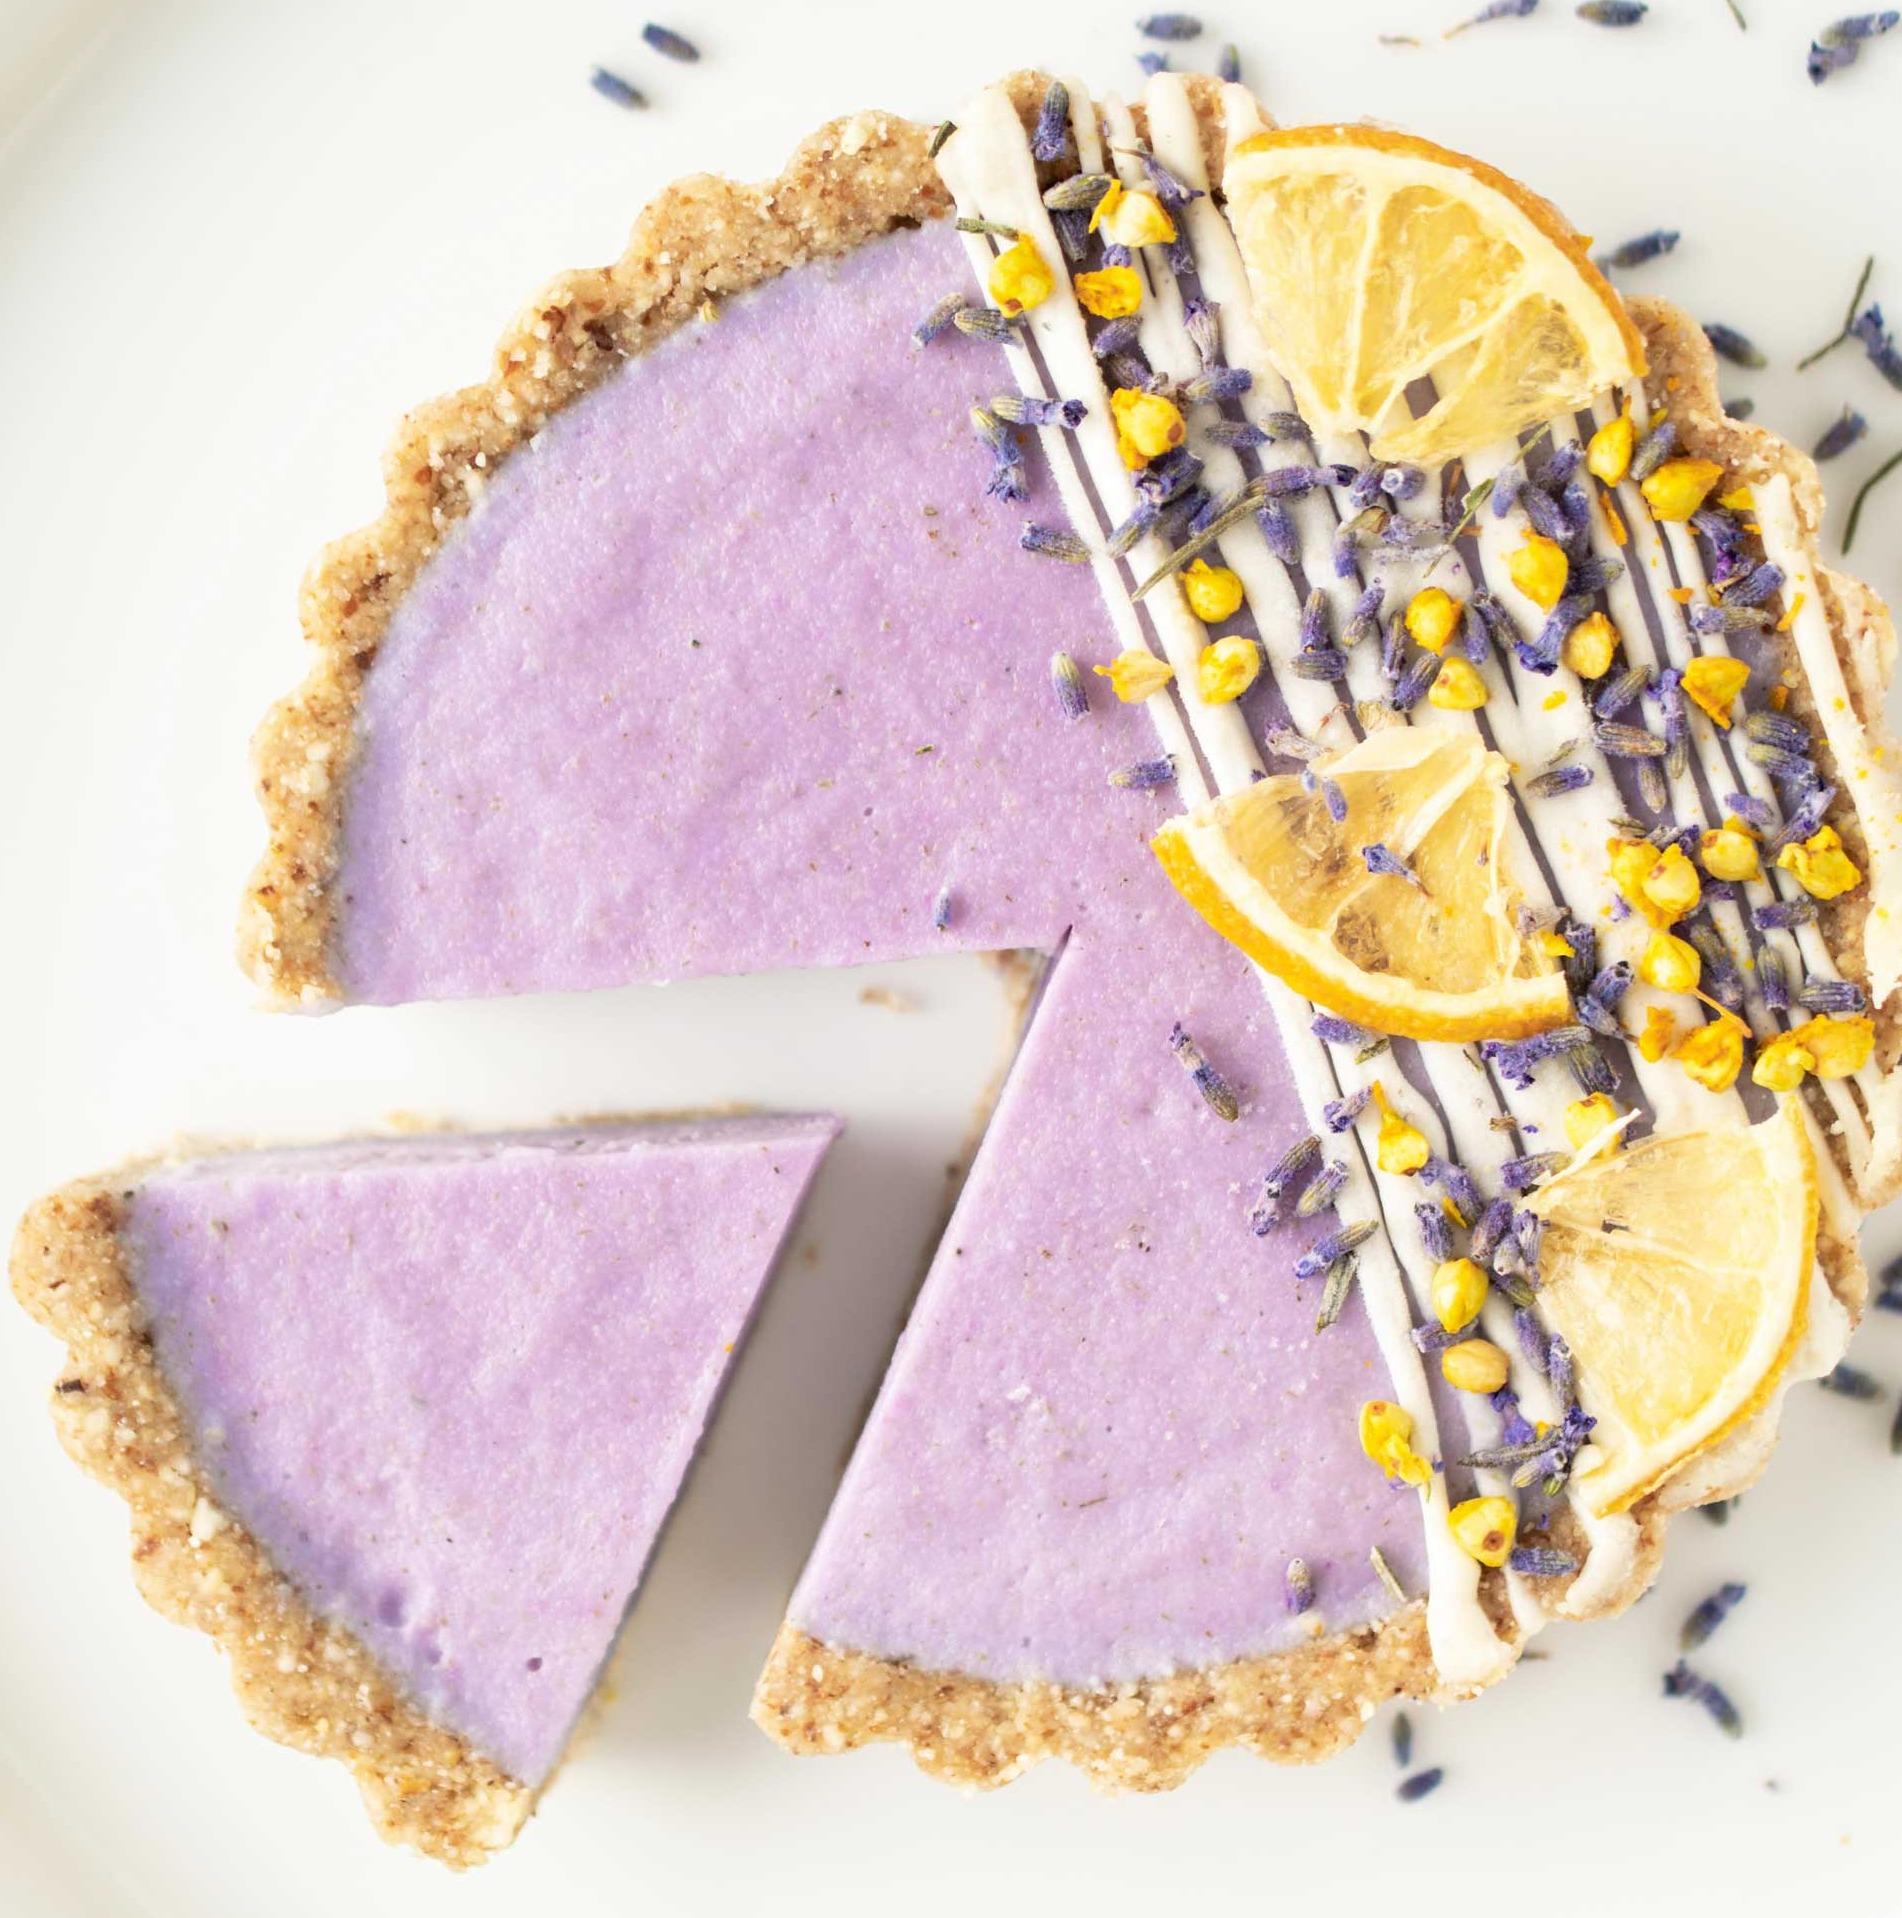 Lavender blueberry tart